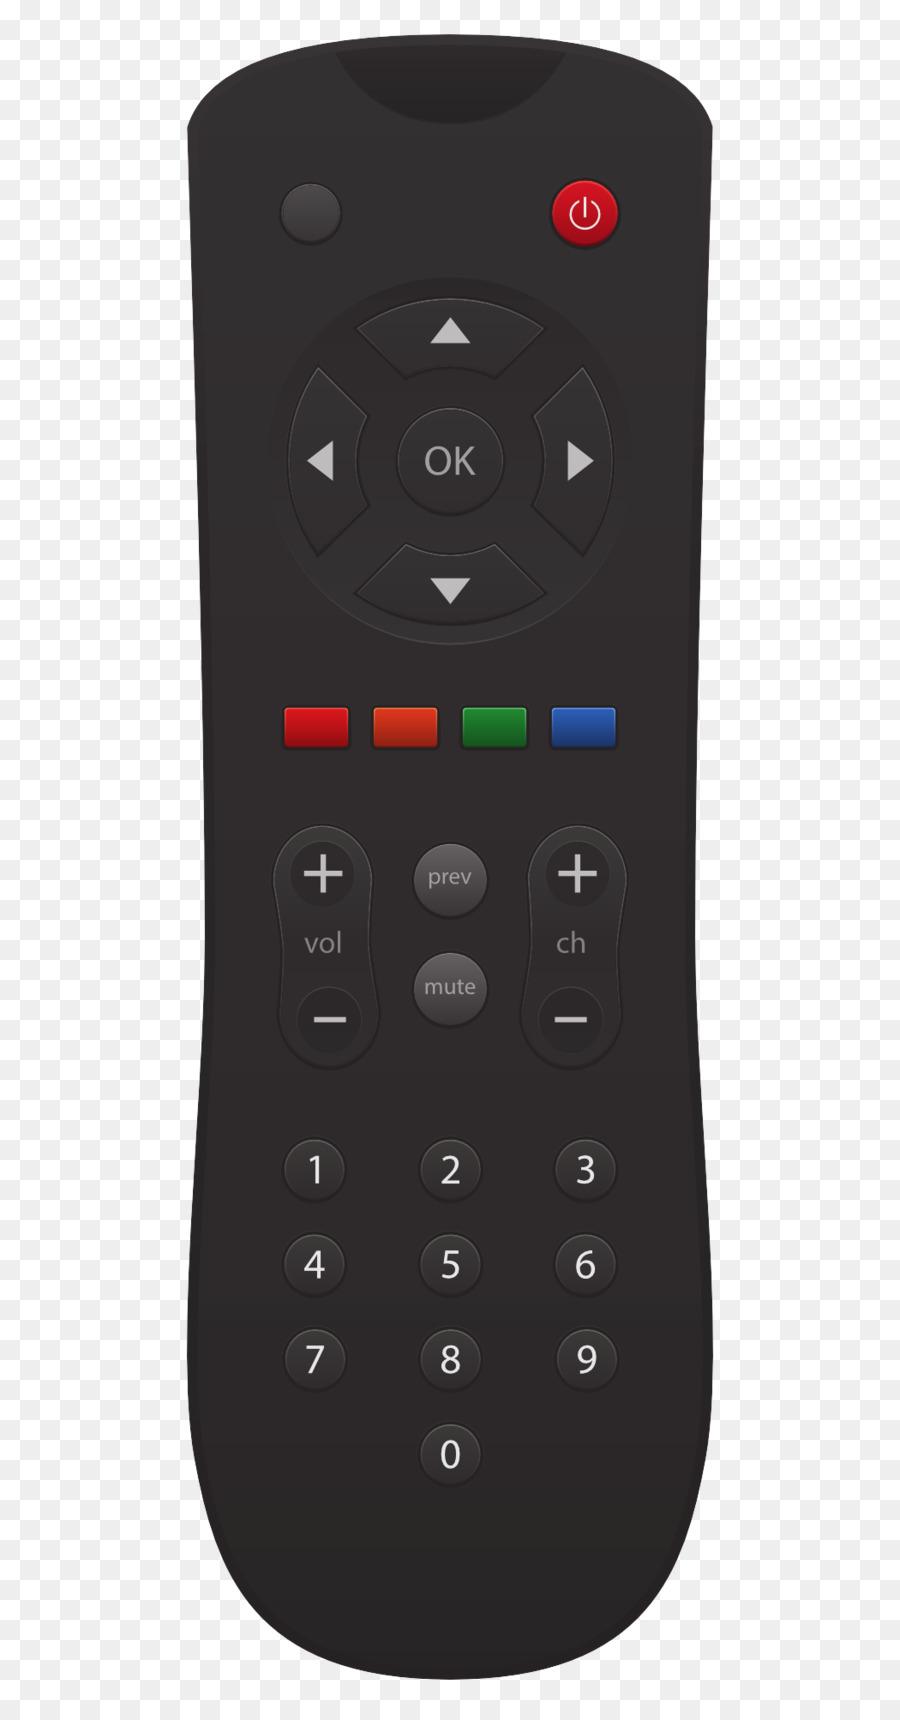 Descarga gratuita de Función De Teléfono, Multimedia, Reproductor De Medios Portátil imágenes PNG